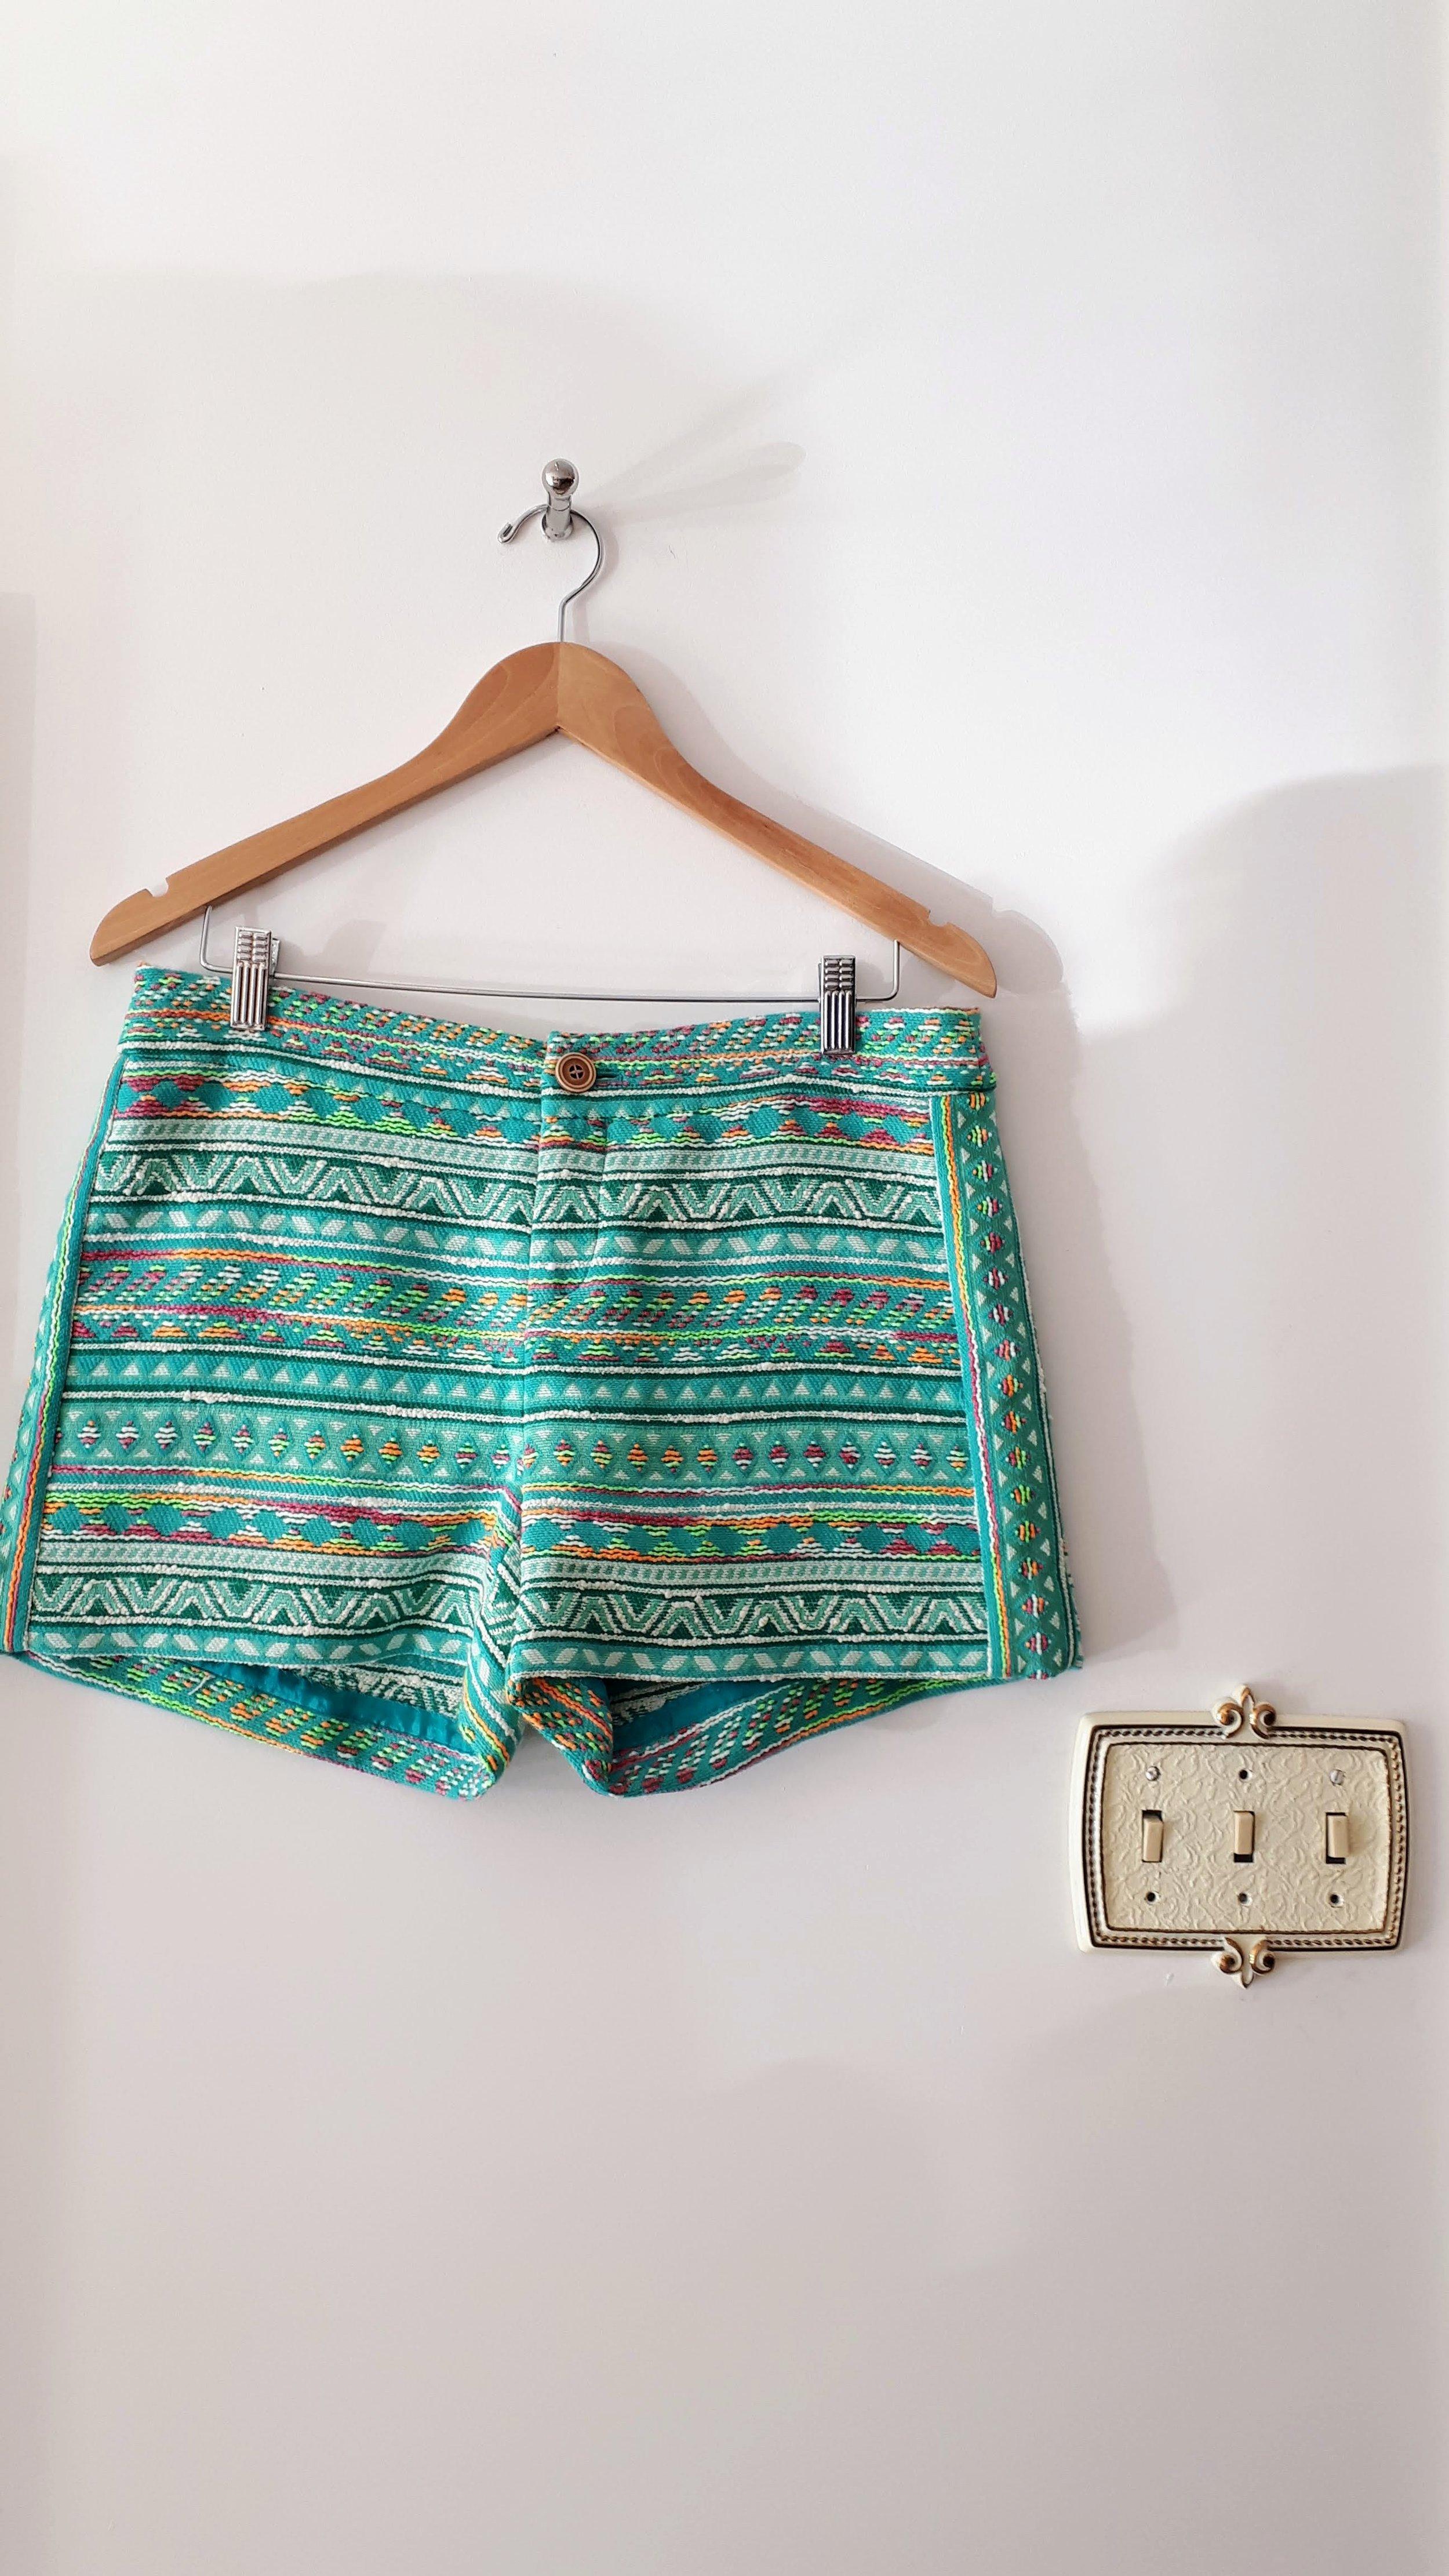 Elevenses shorts; Size 11, $24